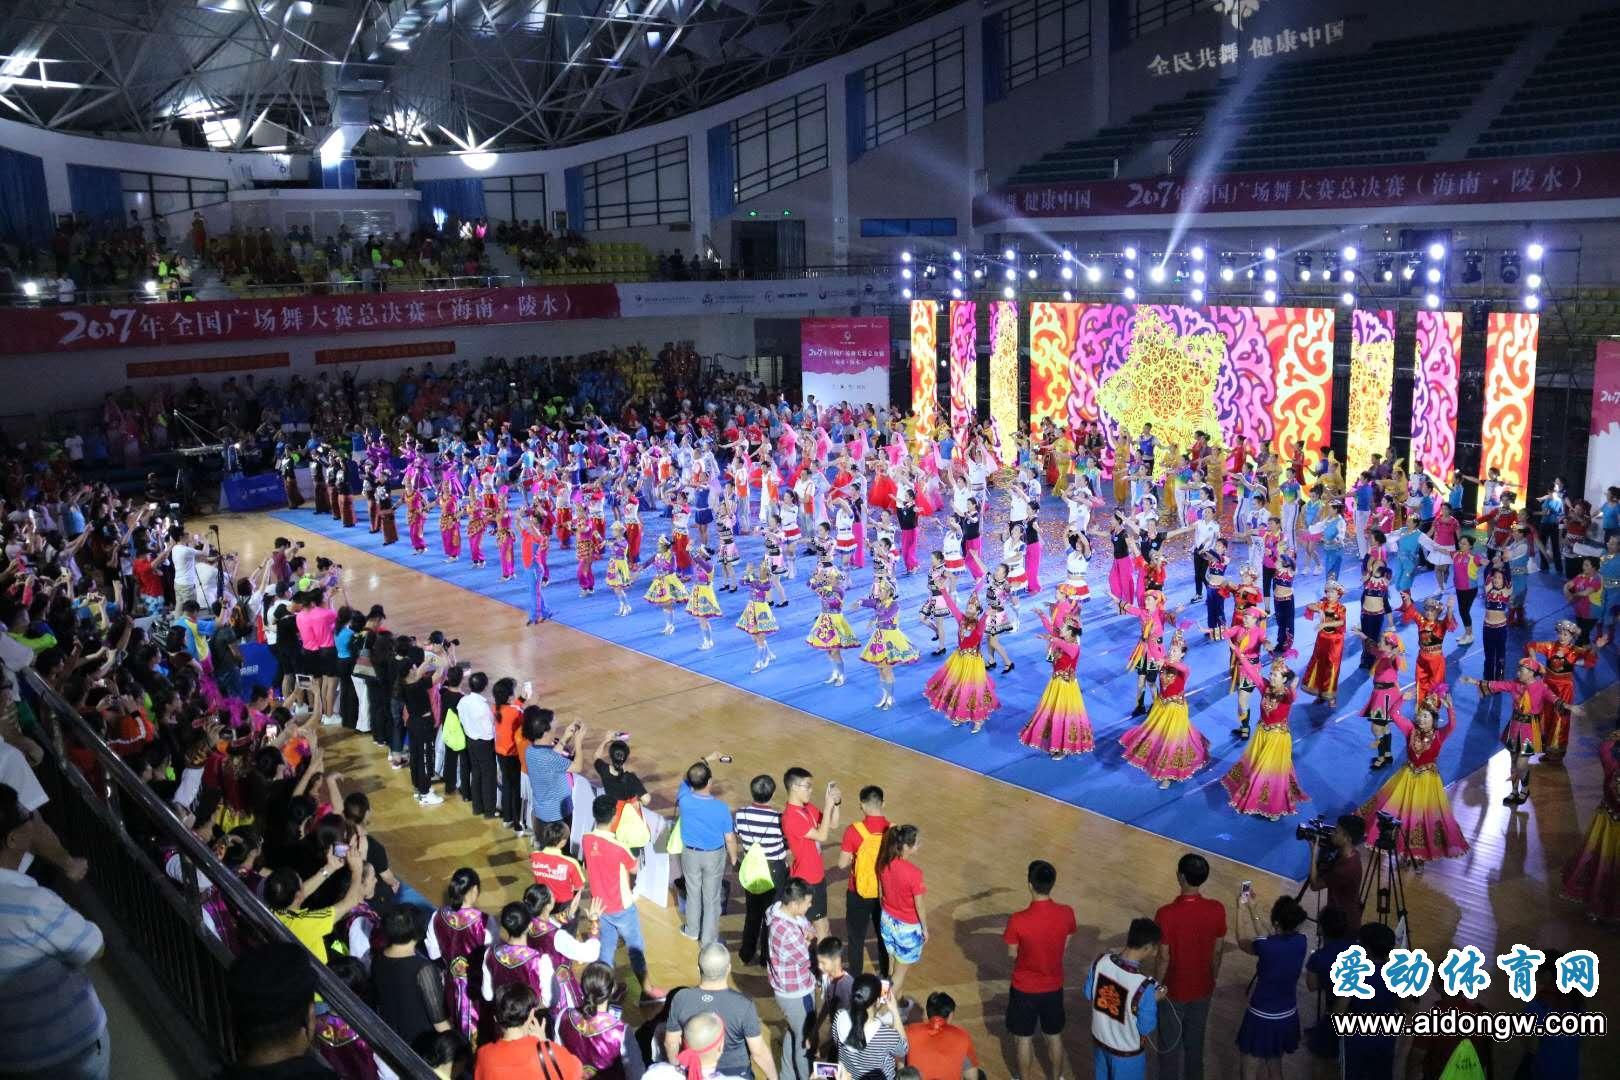 2017年全国广场舞大赛总决赛(海南•陵水)盛大开幕